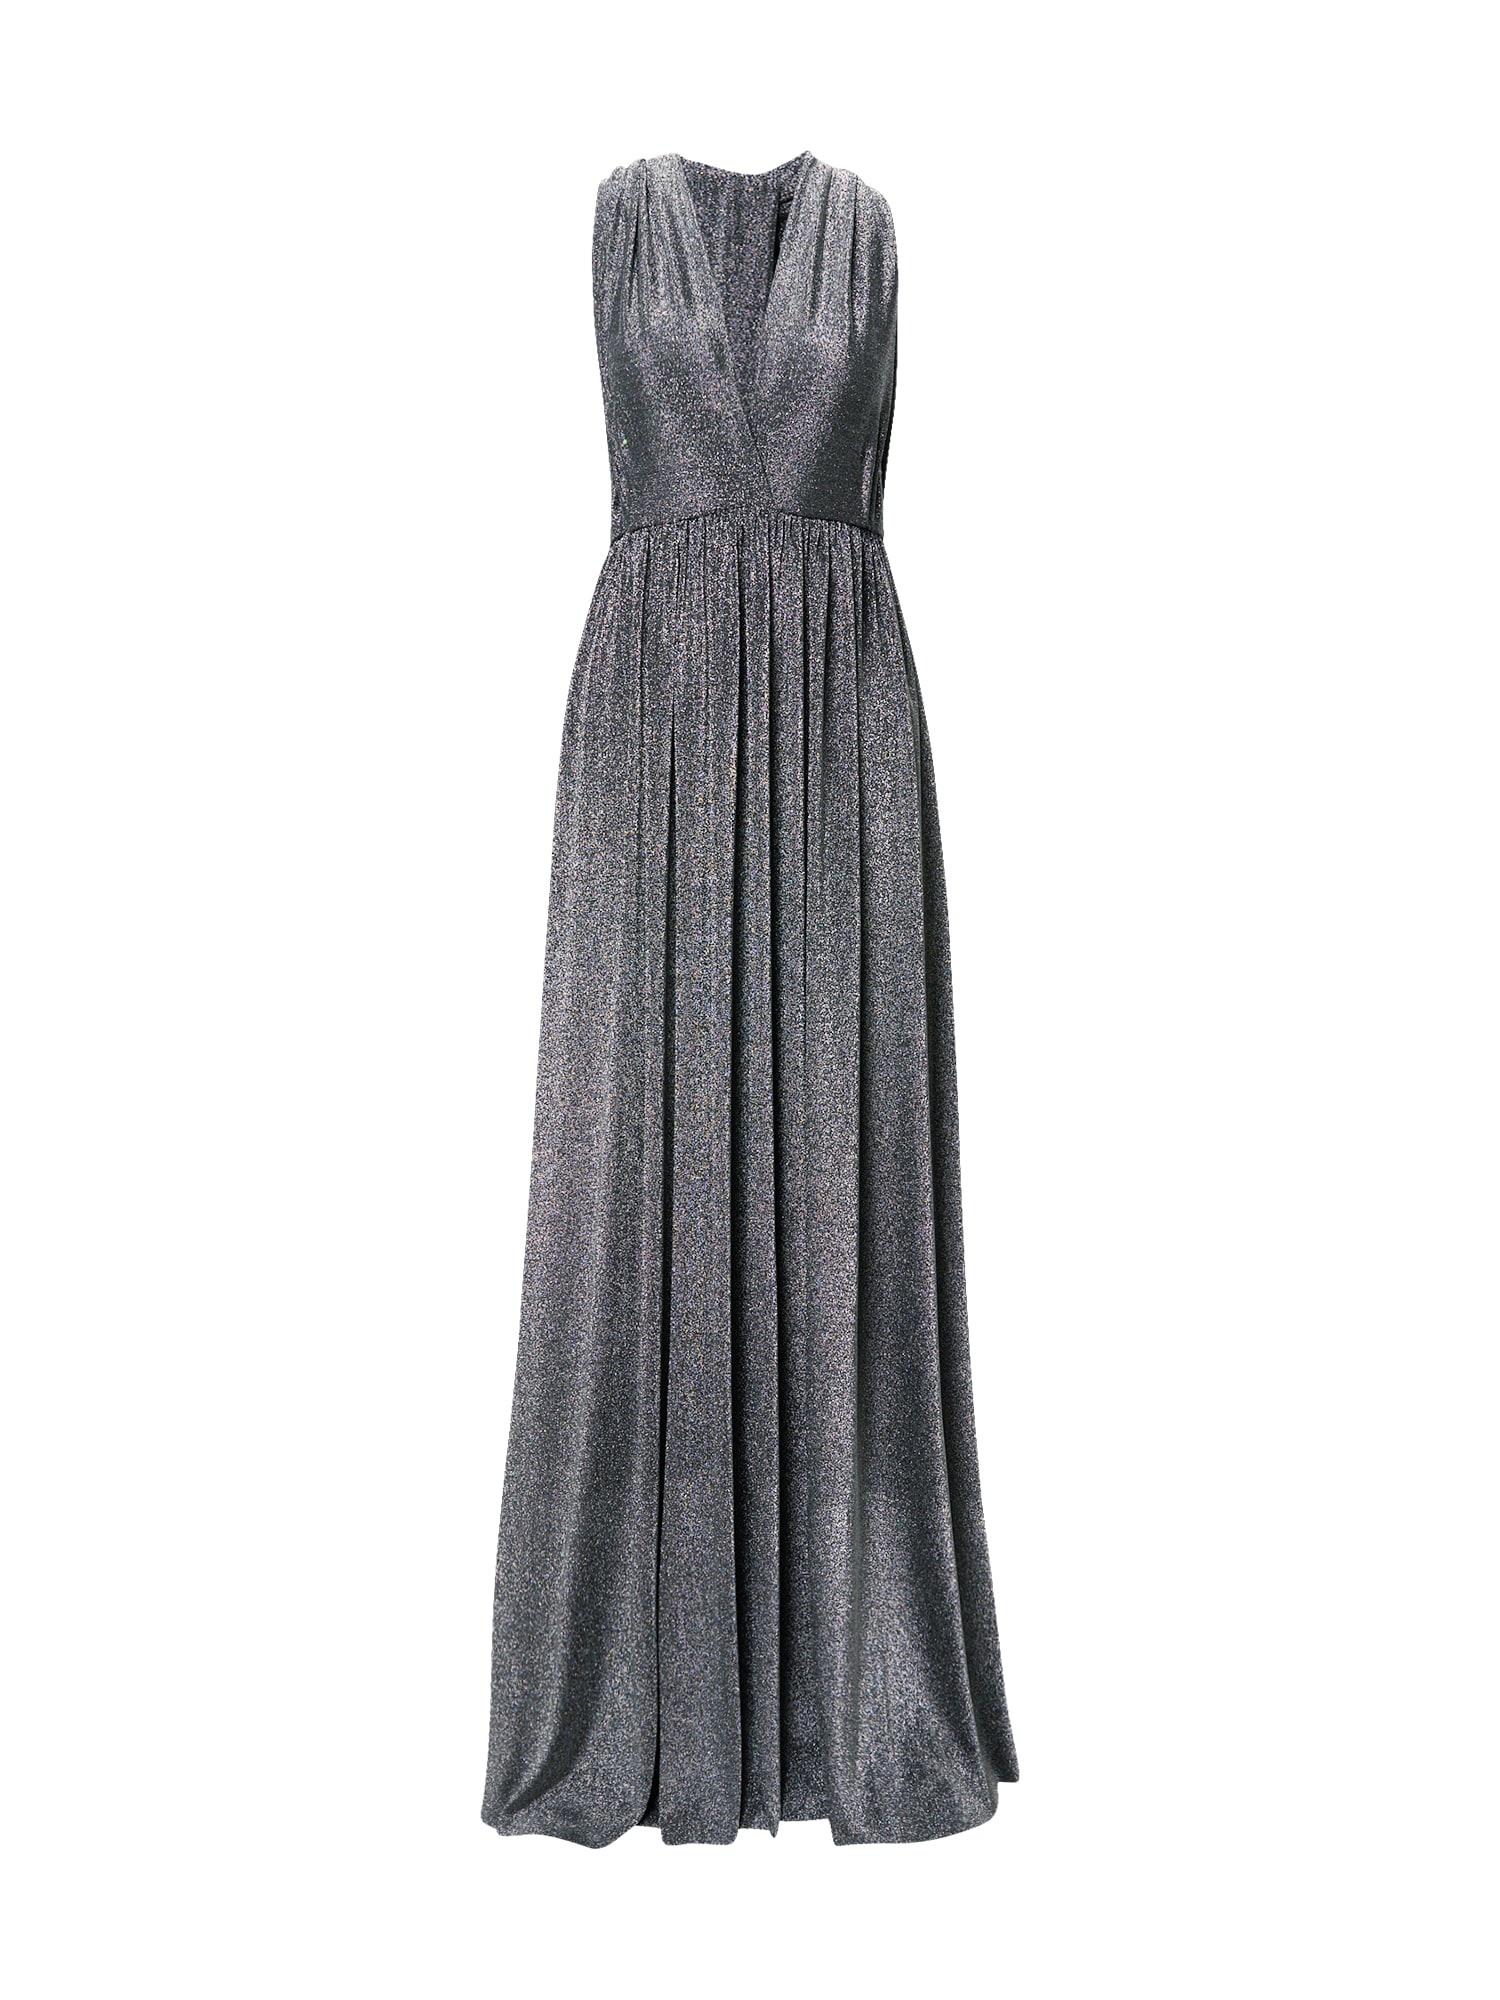 STAR NIGHT Vakarinė suknelė sidabrinė / juoda